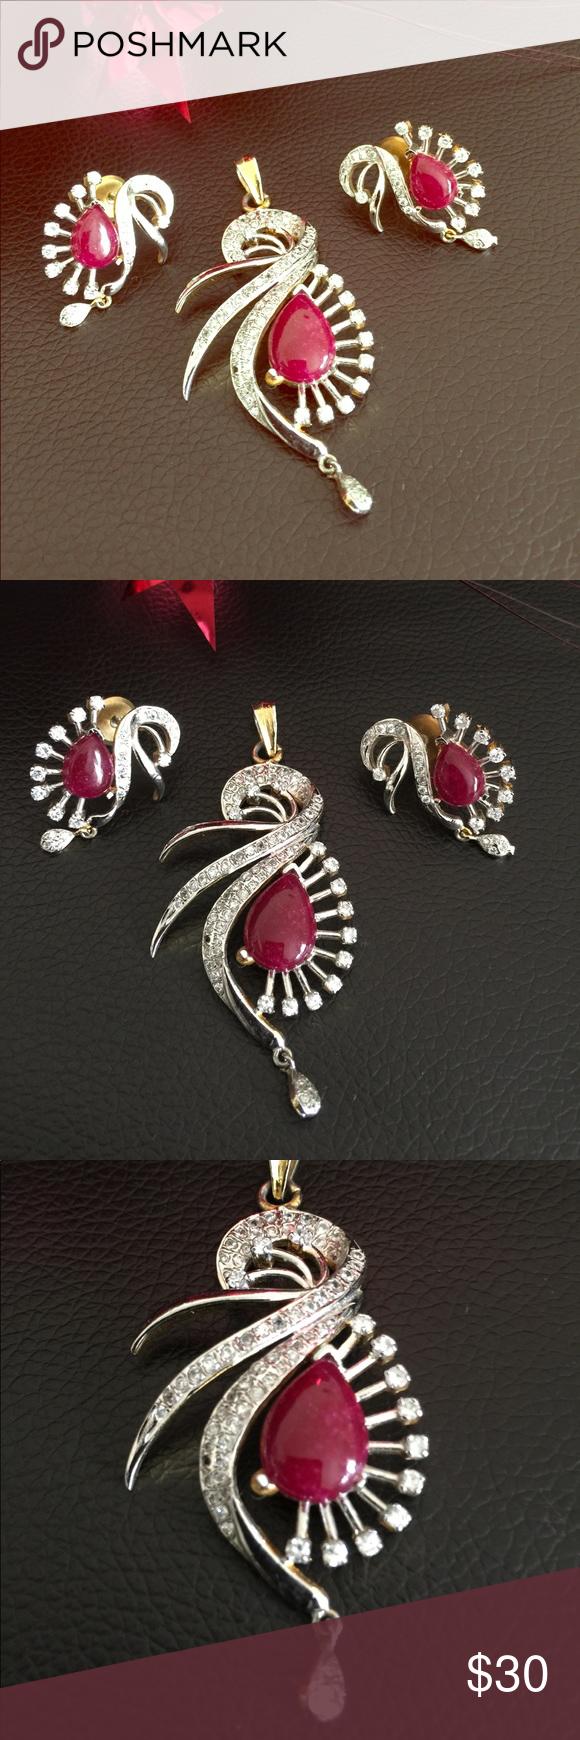 Pendant set with earrings zircona with ruby pendant set stone